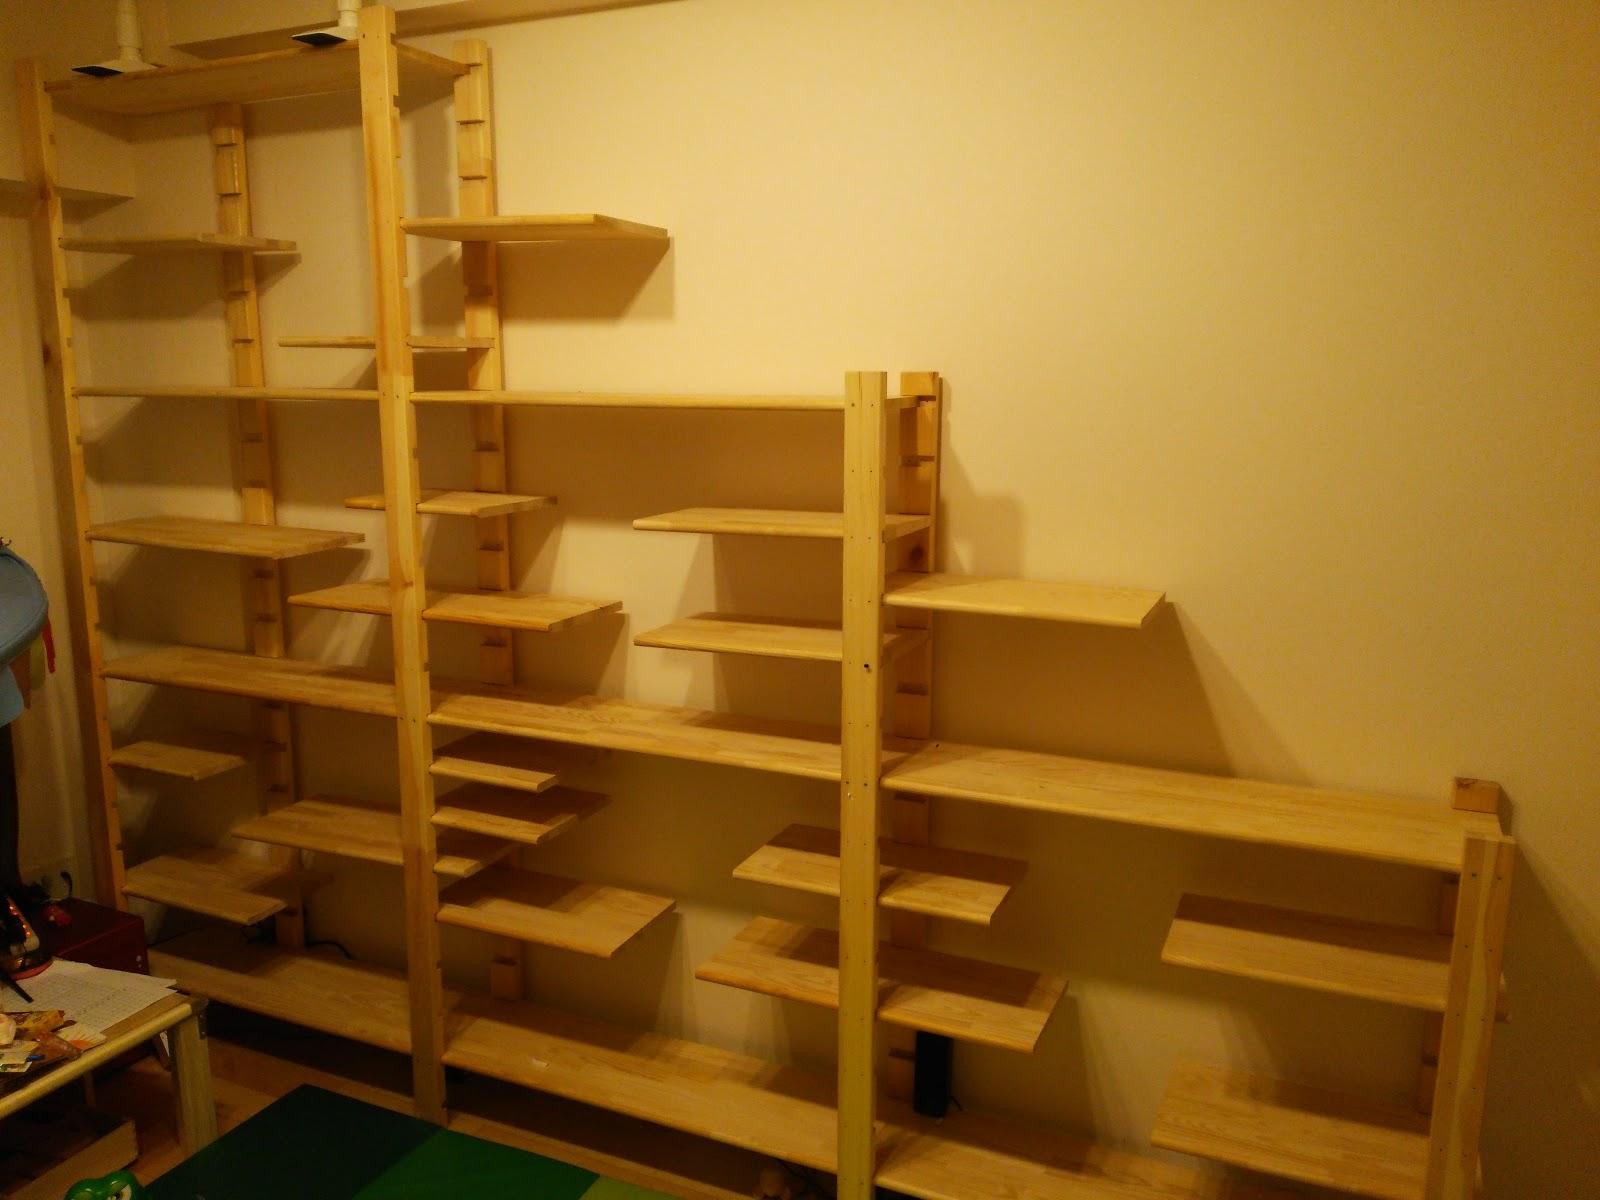 Lq >> 【DIY】ラック支柱を使って子供部屋に安くおしゃれなフリーラックを作った、棚板自在で片付けを楽しく! - まぐたの日記